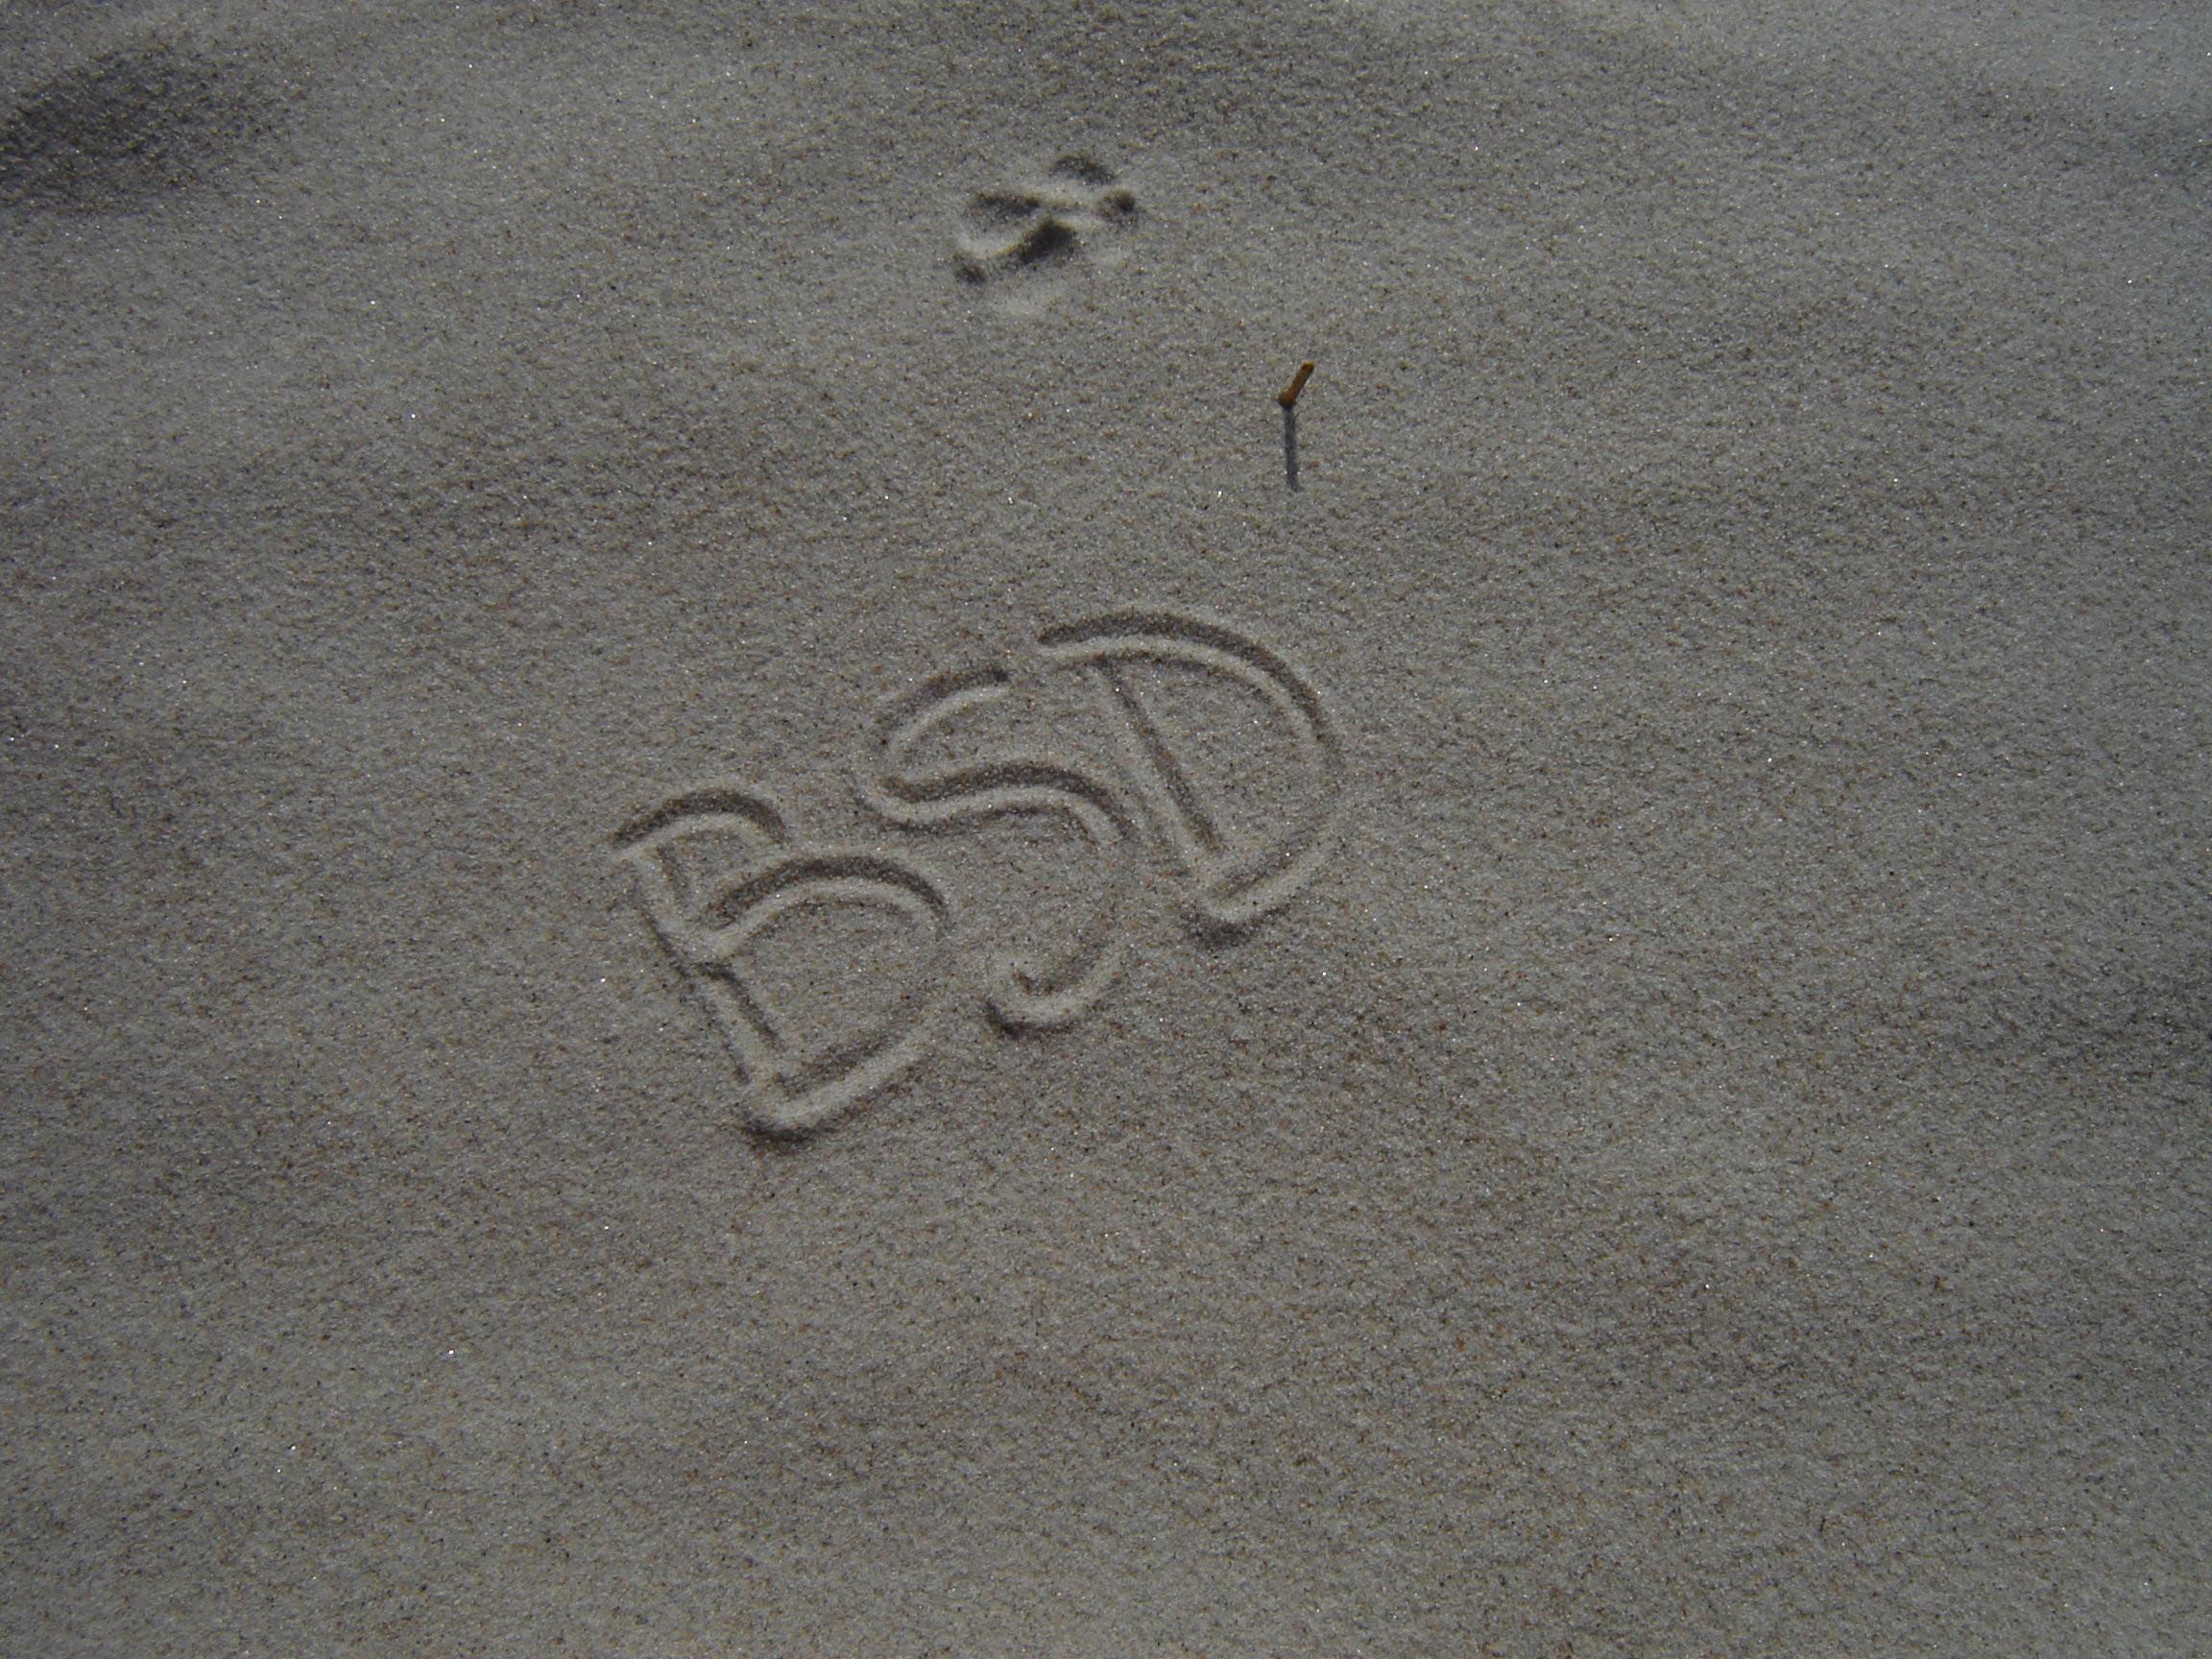 SandBSD by vermaden